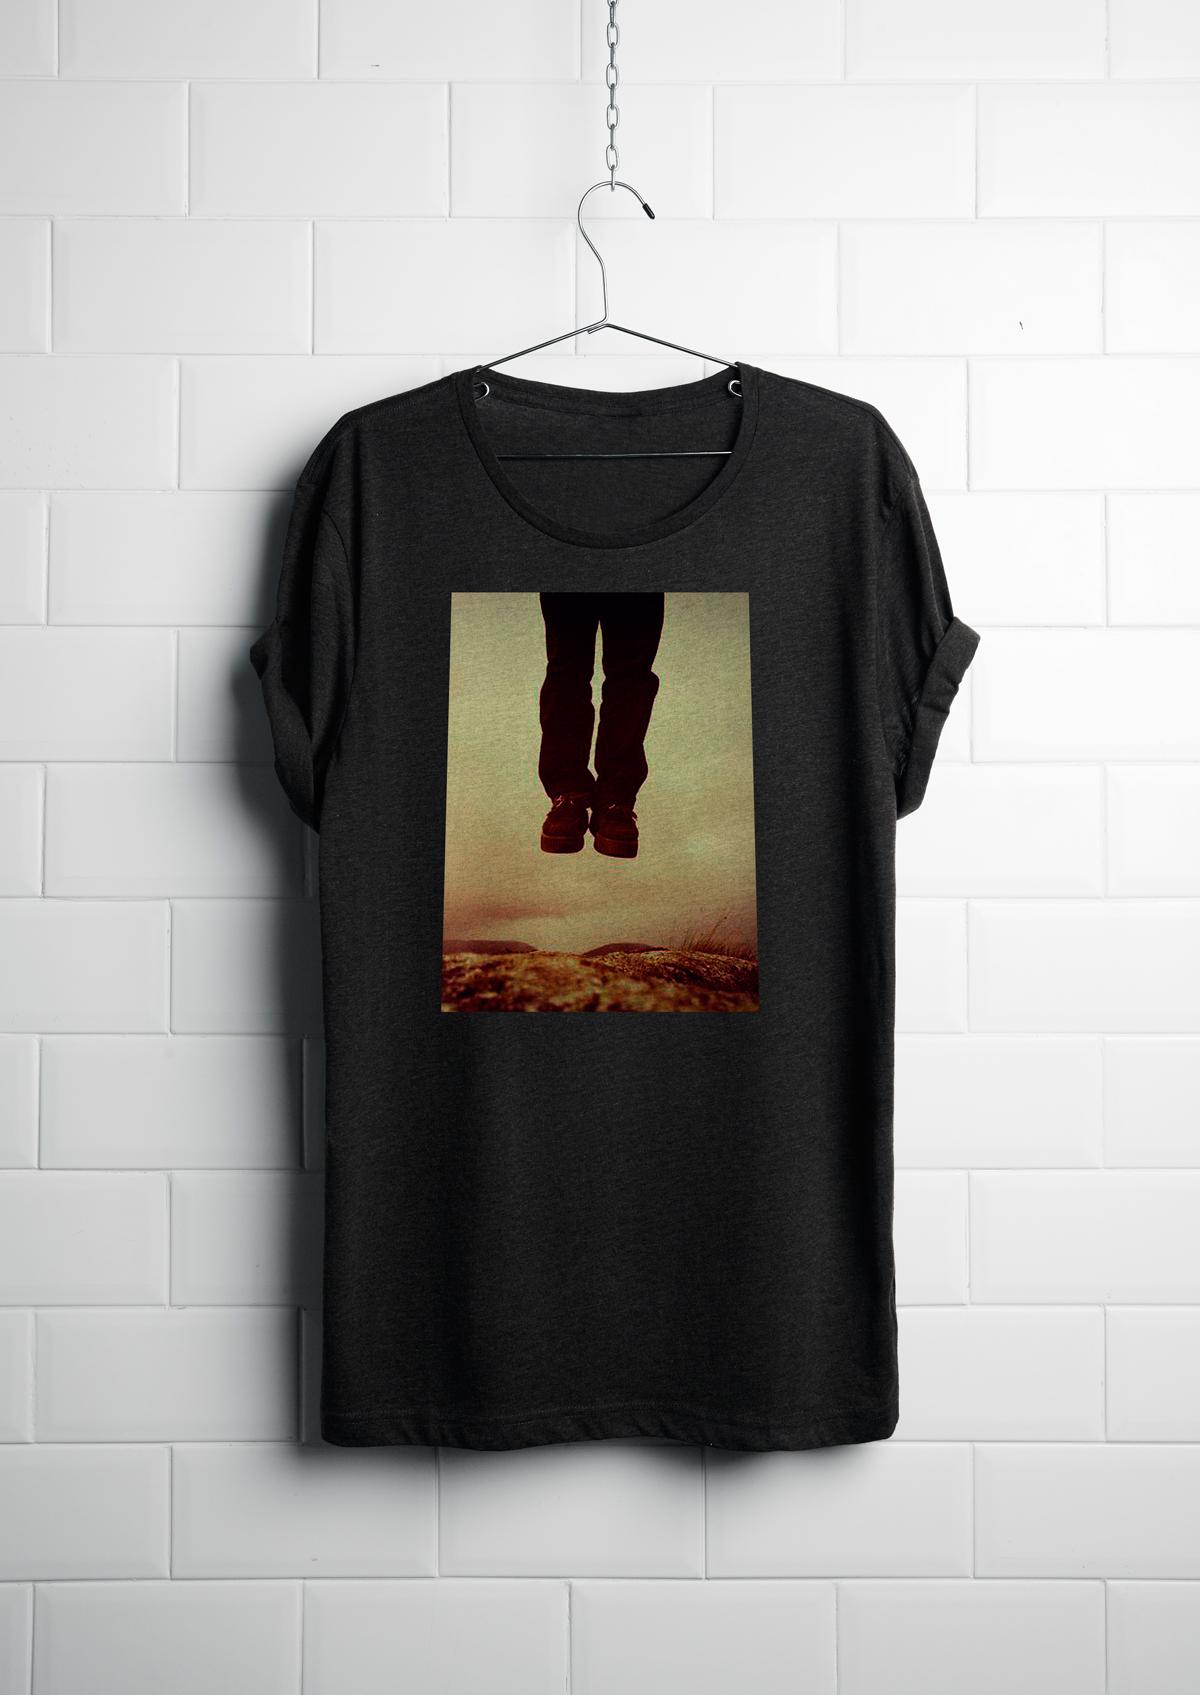 T-SHIRT – BERTH99 Diseño del artwork para los T-Shirt de berth99 Creative Studio de Sevilla (España). #gráfico / #T-Shirt / #artwork / #berth99 / #Creative / #Studio